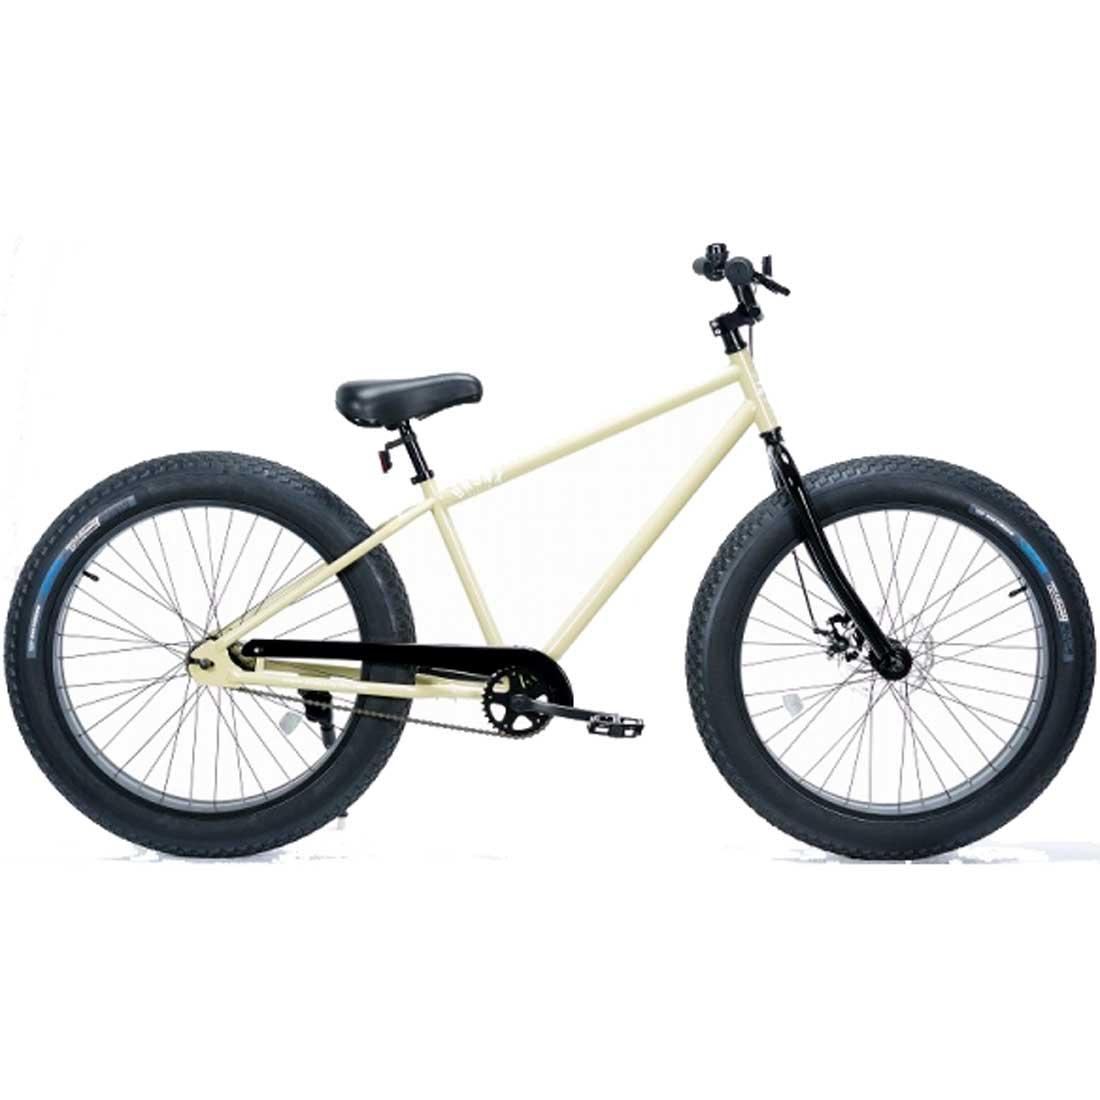 ファットバイク 26インチ 極太タイヤ おしゃれ 自転車 通勤 通学 ブロンクスファットバイク 26BRONX-4.0 サンドフォックス メンズ レディース